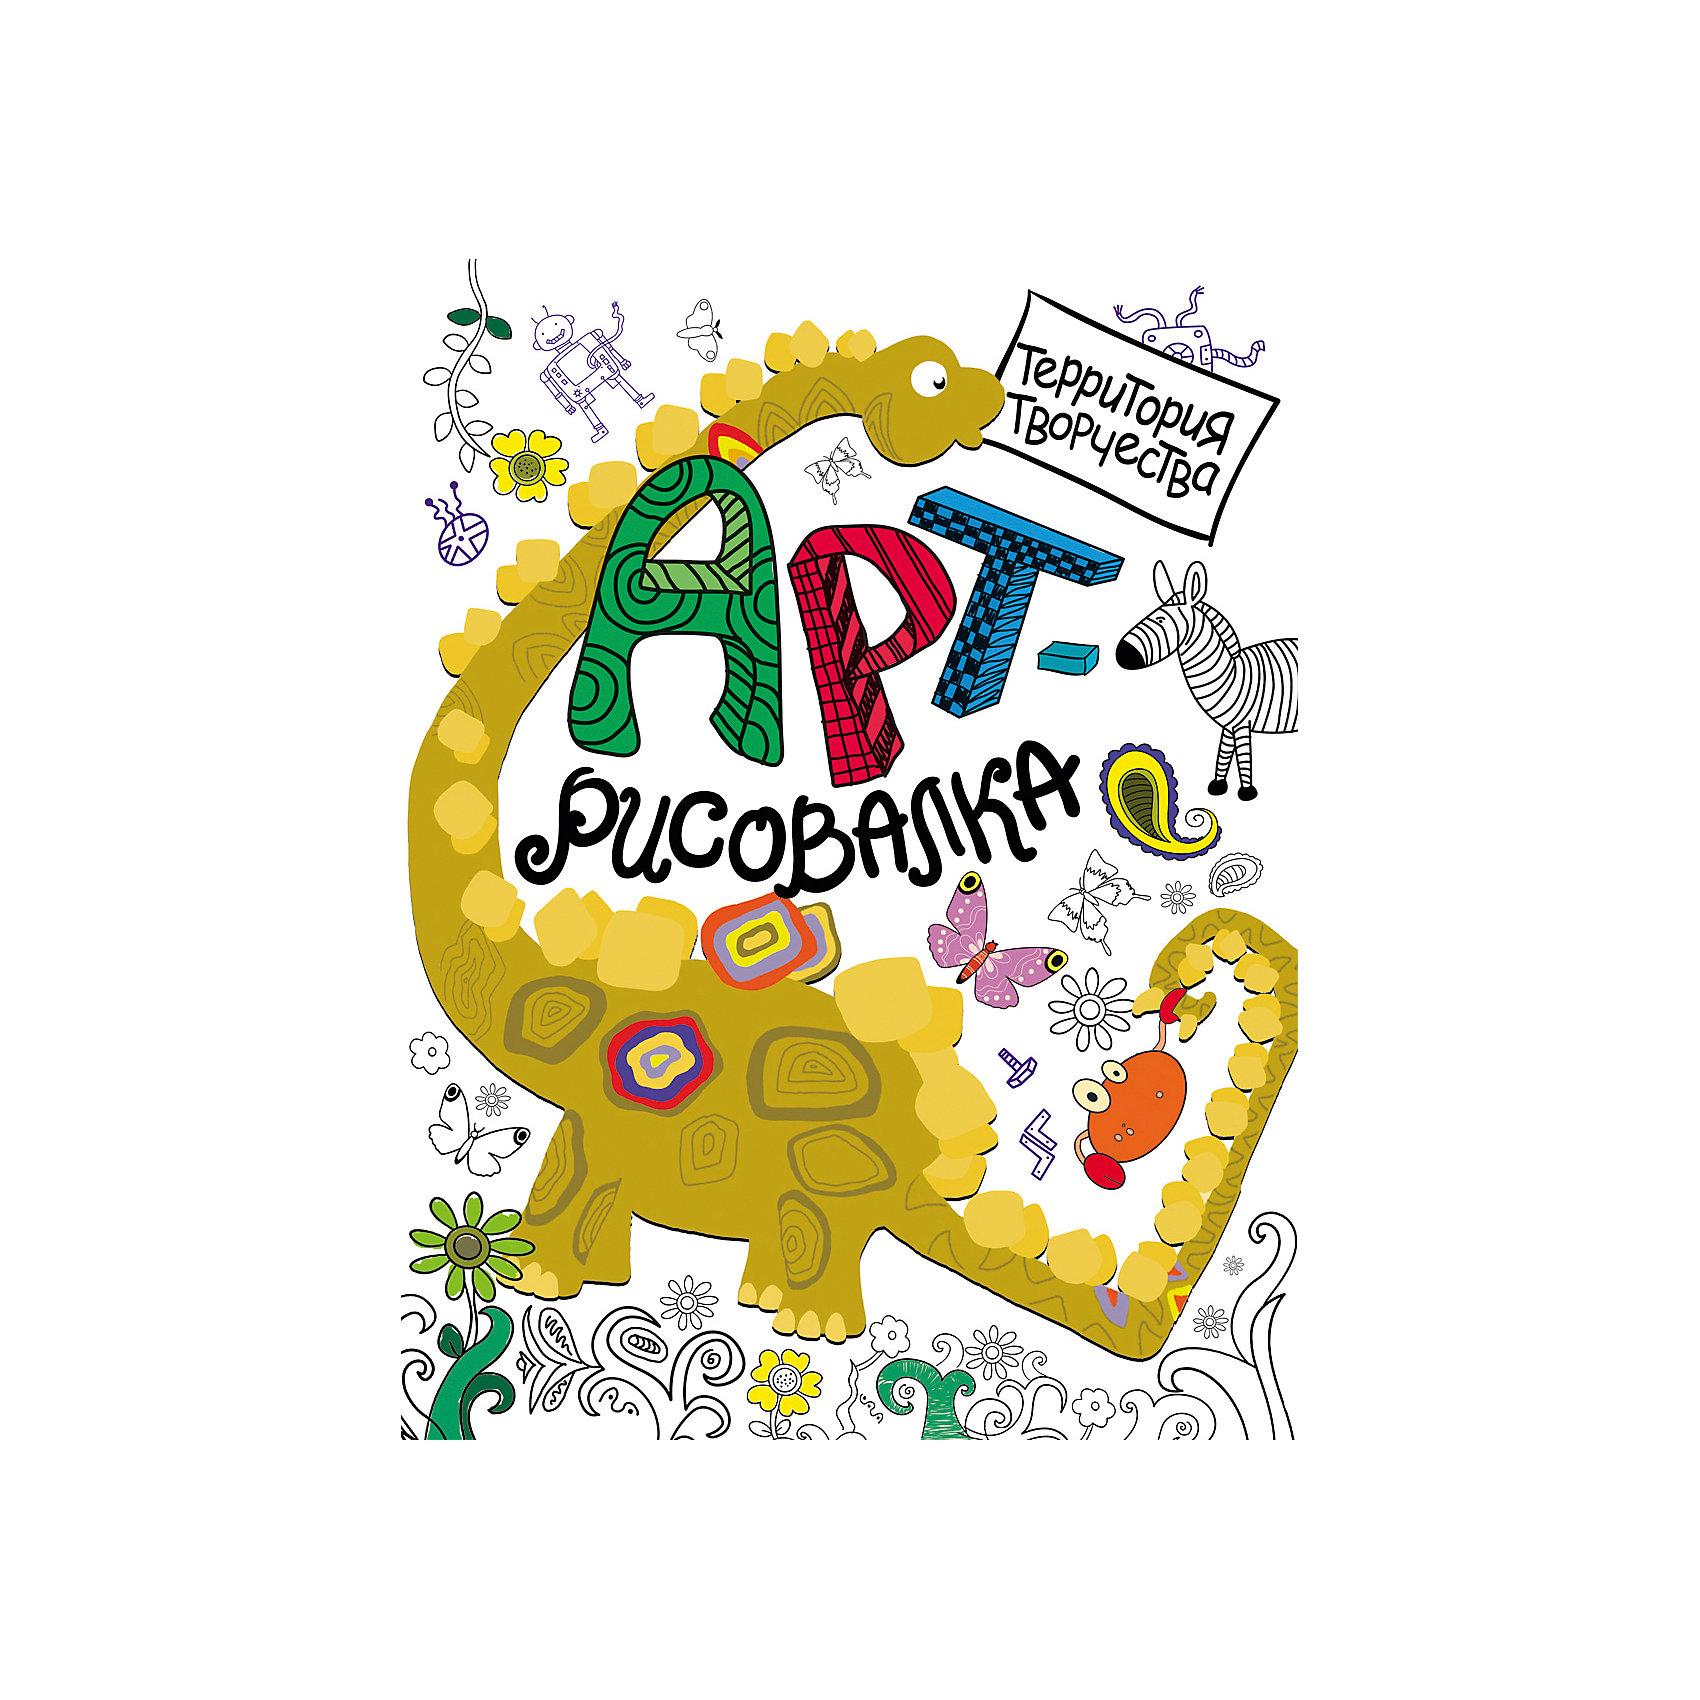 Арт-рисовалка ДиноРисование<br>Арт-рисовалка Дино - необычная раскраска и альбом для рисования, которая поможет Вашему ребенку развить свои творческие способности. Веселые креативные задания, необычные забавные персонажи и красочные картинки открывают неограниченный простор для творческой фантазии. Арт-рисовалки - это территория творчества!<br><br>Дополнительная информация:<br><br>- Обложка: мягкая.<br>- Иллюстрации: цветные + черно-белые.<br>- Объем: 16 стр.<br>- Размер: 27,5 х 21,2 х 0,2 см.<br>- Вес: 73 гр.<br><br>Арт-рисовалку Дино, Росмэн, можно купить в нашем интернет-магазине.<br><br>Ширина мм: 275<br>Глубина мм: 212<br>Высота мм: 2<br>Вес г: 73<br>Возраст от месяцев: 18<br>Возраст до месяцев: 48<br>Пол: Унисекс<br>Возраст: Детский<br>SKU: 4046791